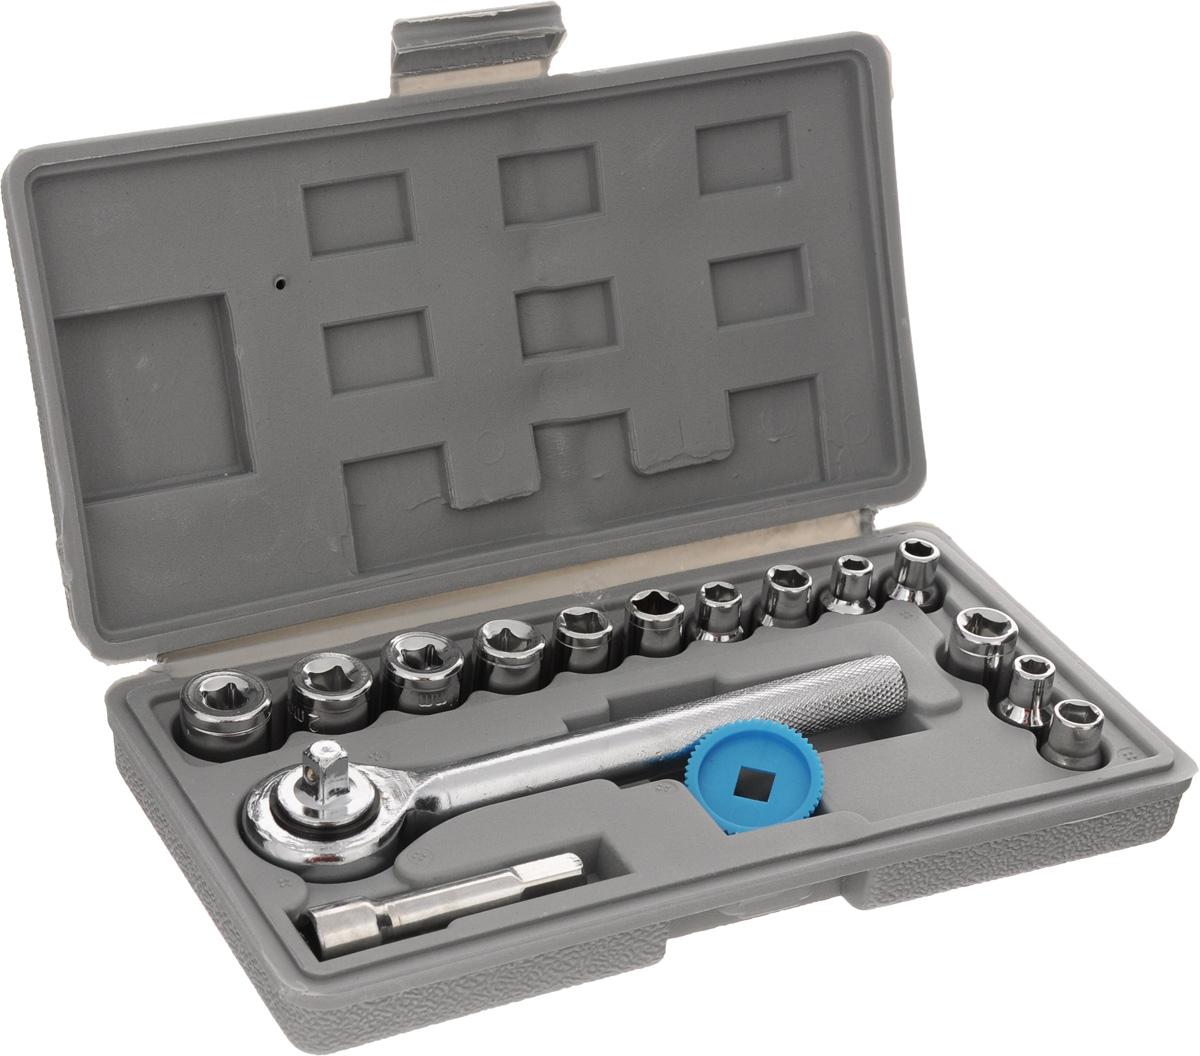 Набор инструмента Курс Автомобильный, в футляре, 17 предметов65015_футляр серыйНабор инструмента Курс Автомобильный, выполненный из инструментальной стали, предназначен для авторемонтных работ. В комплект входит: - Ключ трещеточный реверсивный с присоединительным квадратом, 1/4; - Удлинитель к торцевым головками с присоединительным квадратом, 1/4, длина 5 см; - Головки под присоединительный квадрат, 1/4 (13 шт): 4 мм, 4.5 мм, 5 мм, 5.5 мм, 6 мм, 6.5 мм, 7 мм, 8 мм, 9 мм, 10 мм, 11 мм, 12 мм, 13 мм; - Пластиковый зубчатый вкладыш для предварительного закручивания; - Пластиковый футляр для хранения набора инструмента (закрывается на замок- защелку). Размер футляра: 18 х 9,5 х 3,5 см.